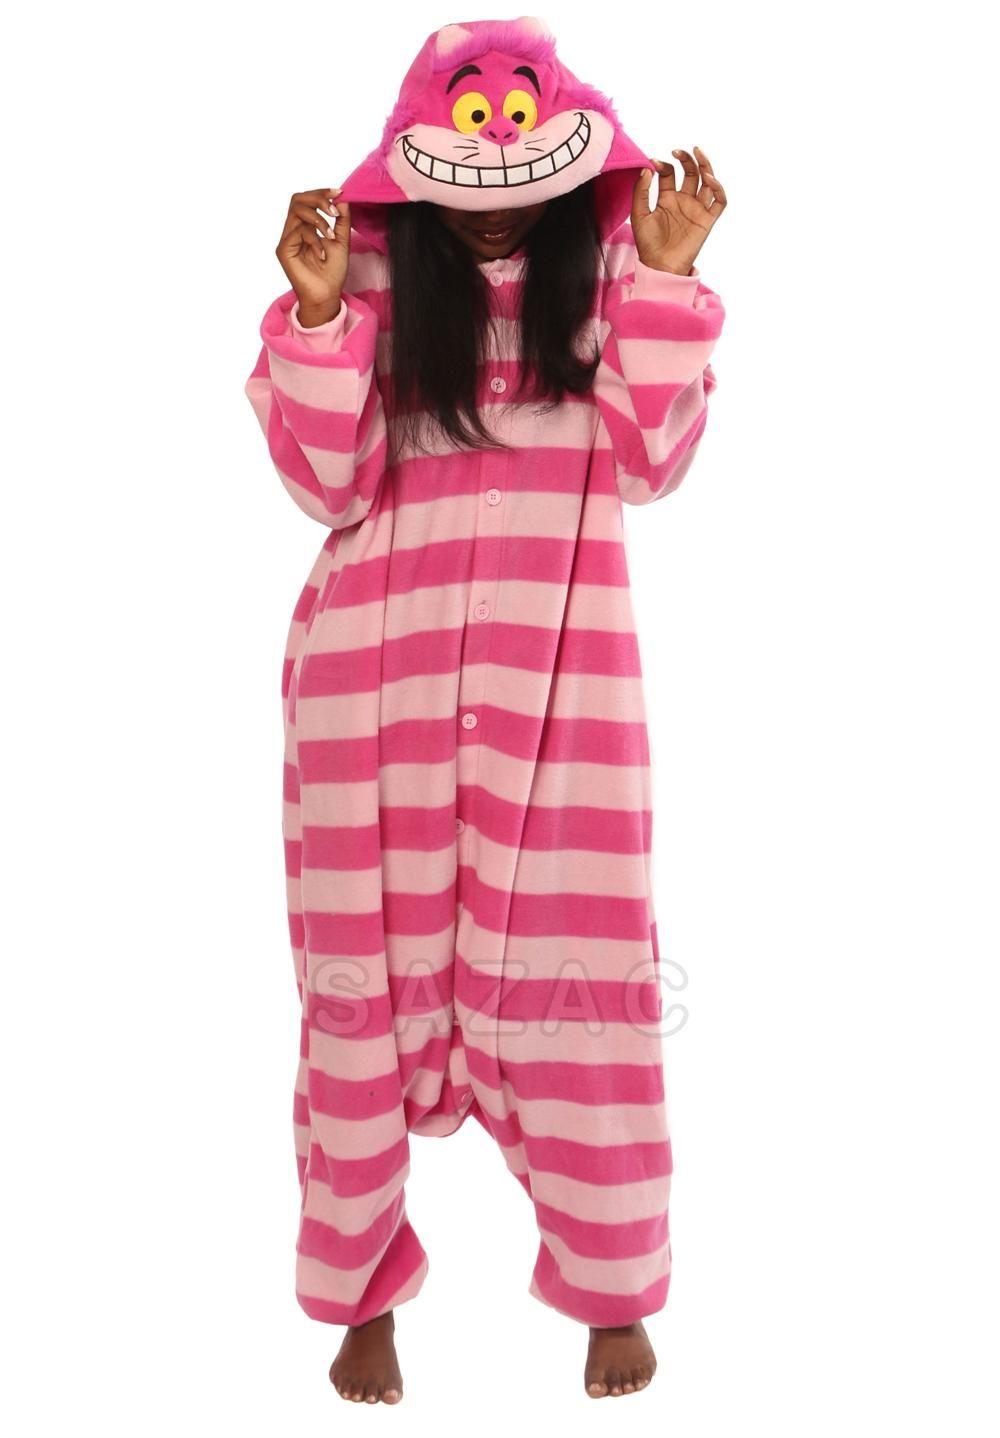 797d7416b Cheshire Cat Kigurumi | WISH LIST | Animal pajamas, Girls pajamas ...